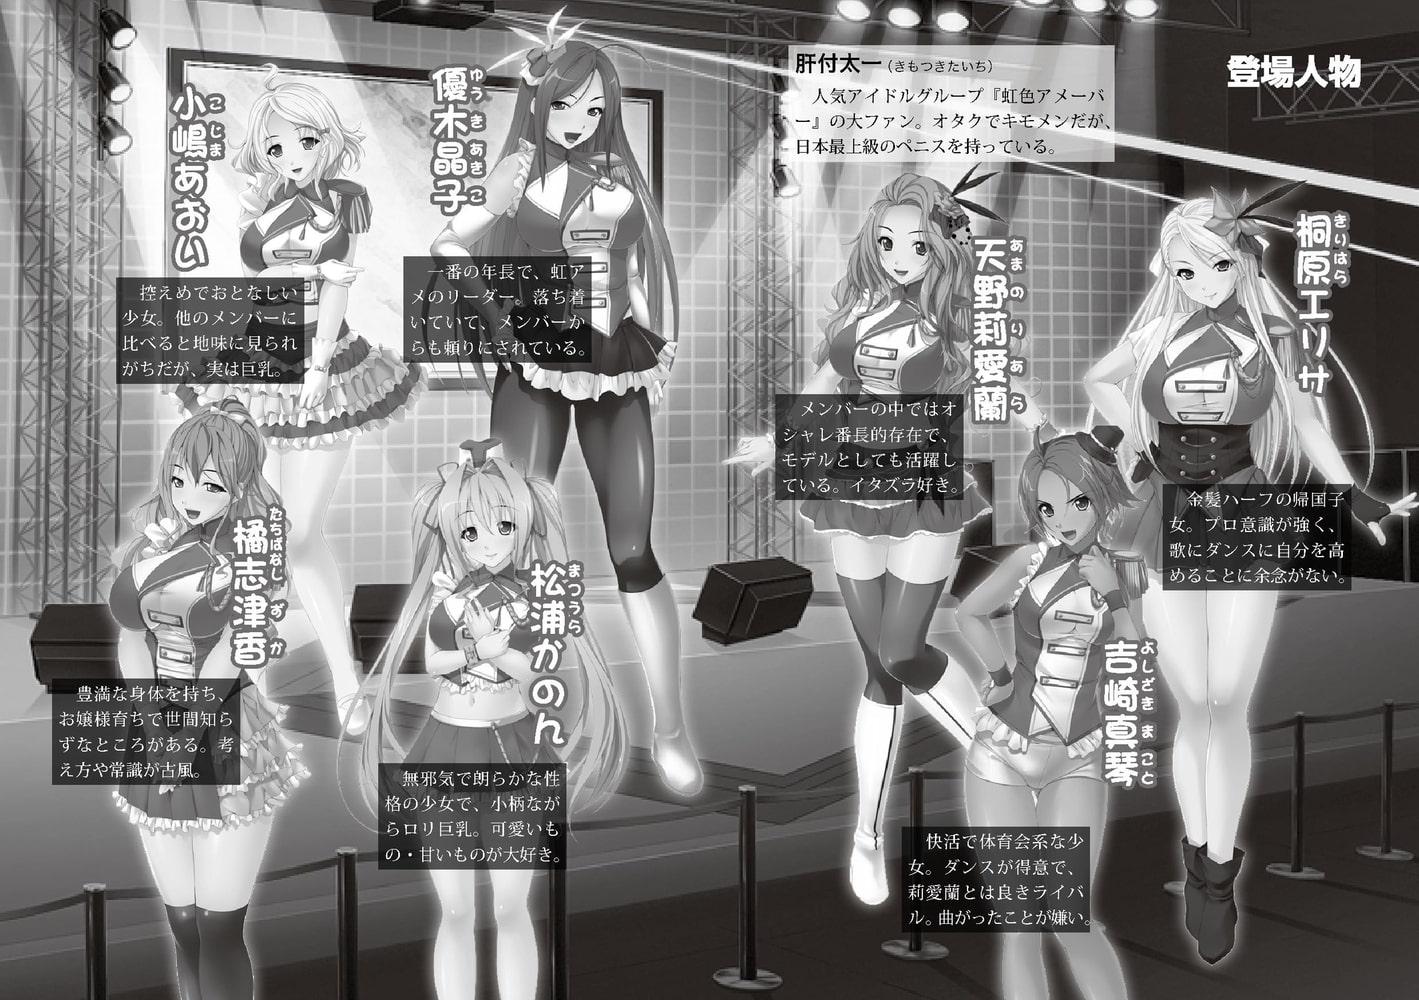 キモメンでも巨根なら国民的アイドルグループをハーレムにできる!?